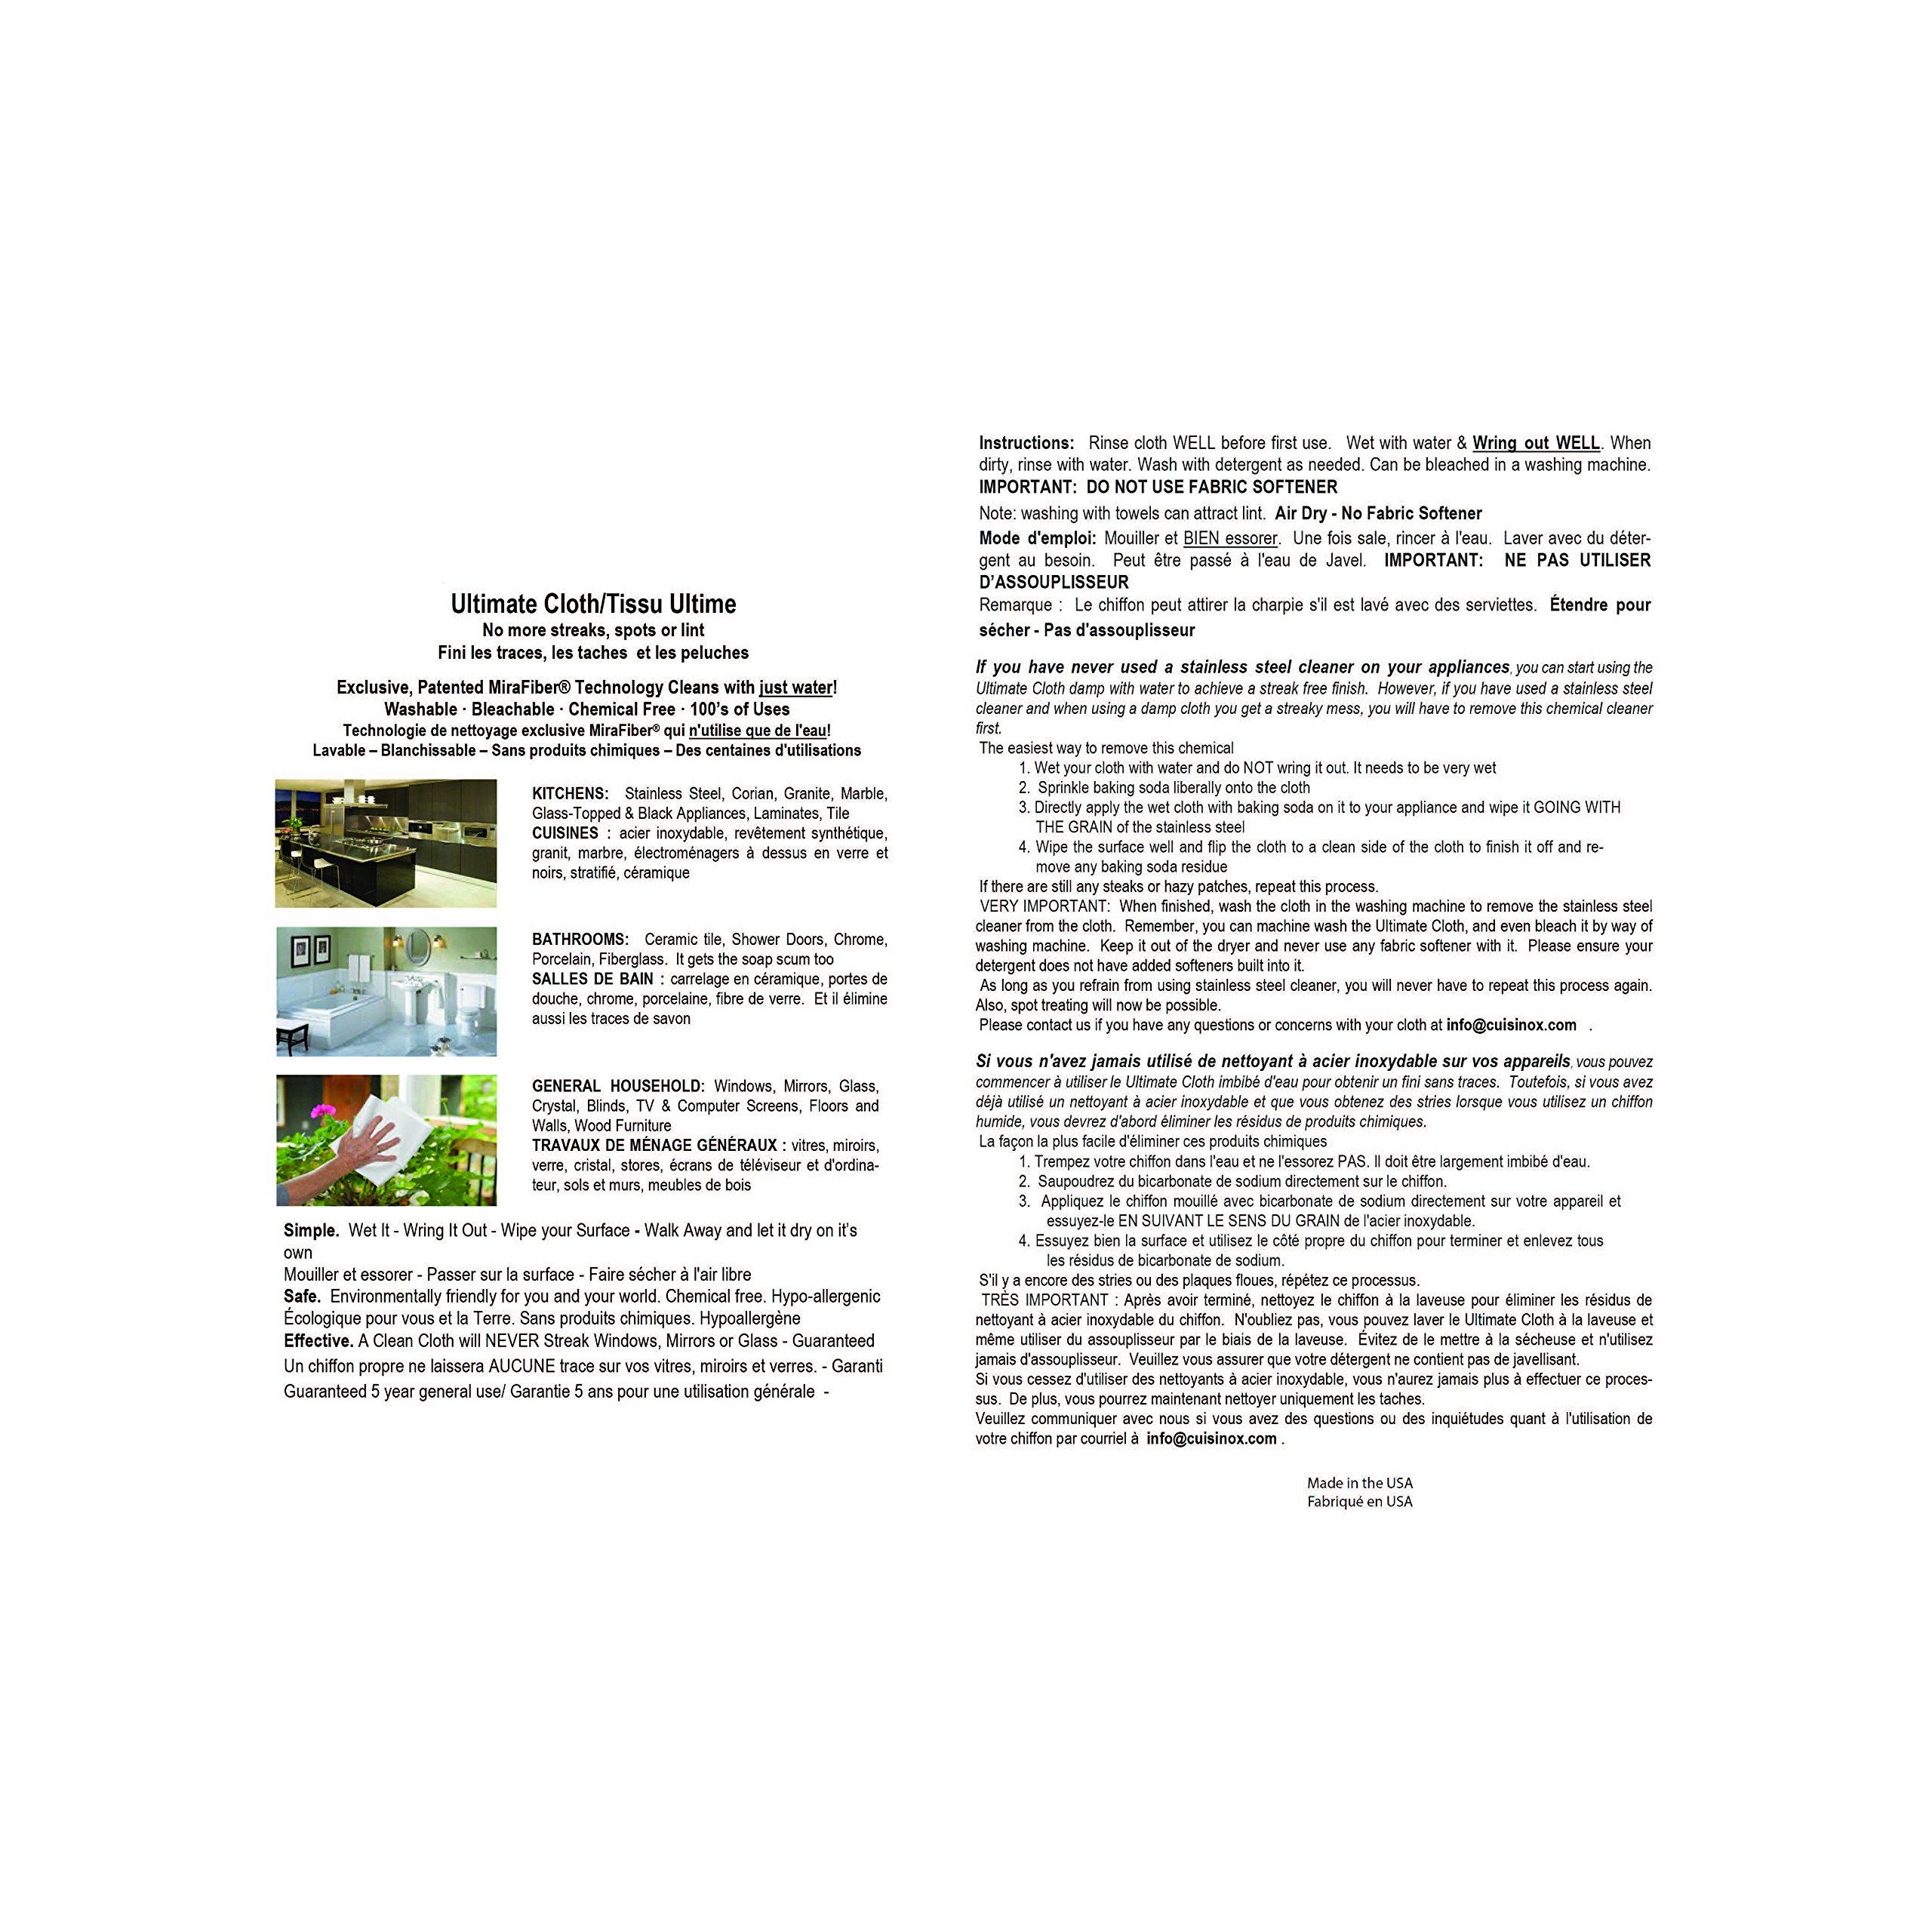 Cuisinox ULT-1315 Streak Free Mirafiber Streak Free Cloth